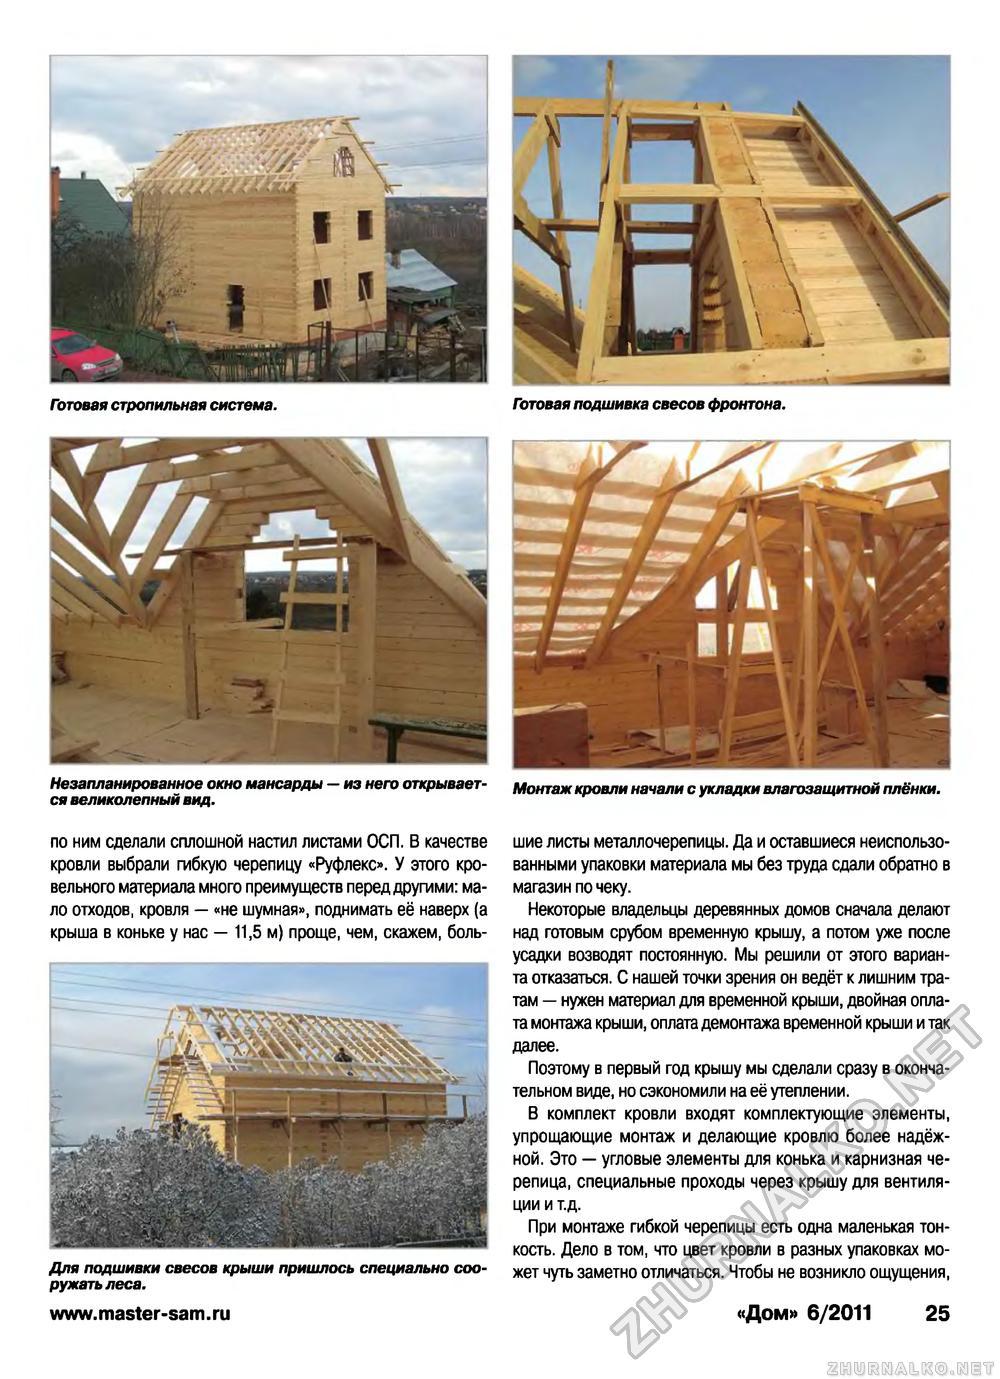 Как сделать фронтонные свесы крыши деревянного дома